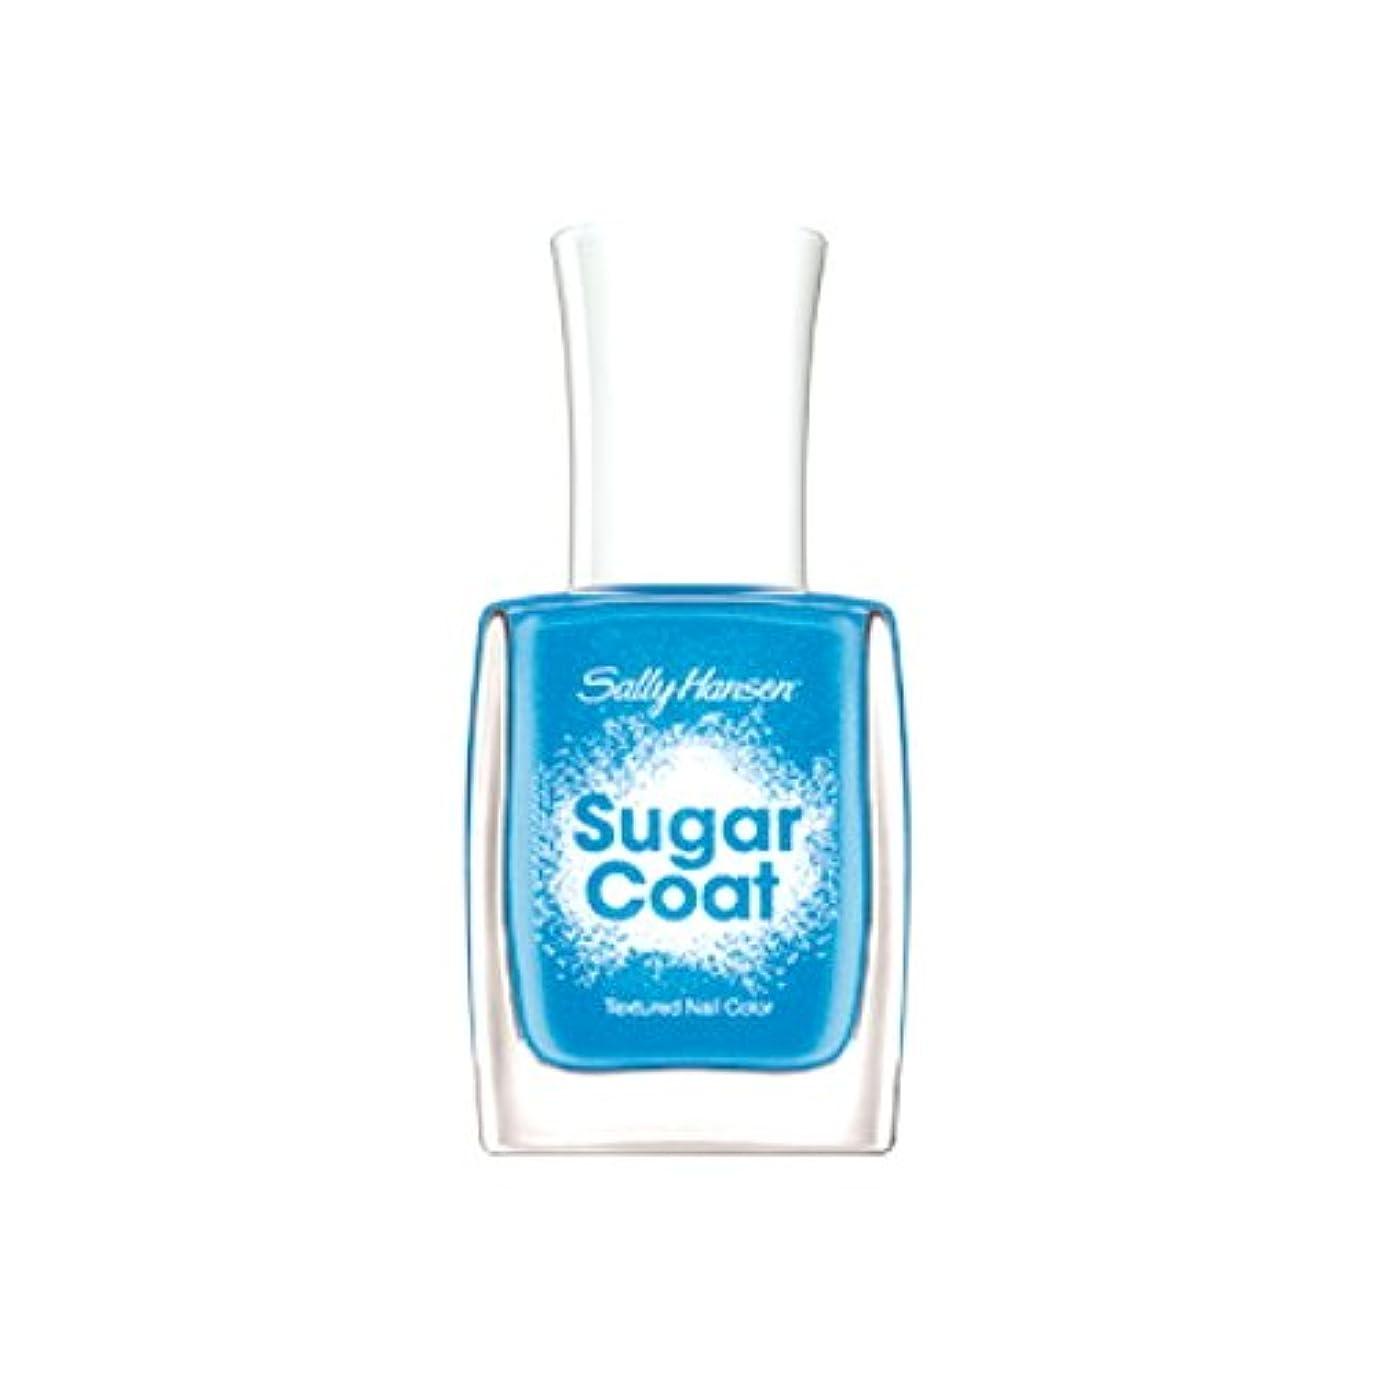 宝等エイリアンSALLY HANSEN Sugar Coat Special Effect Textured Nail Color - Razzle-berry (並行輸入品)